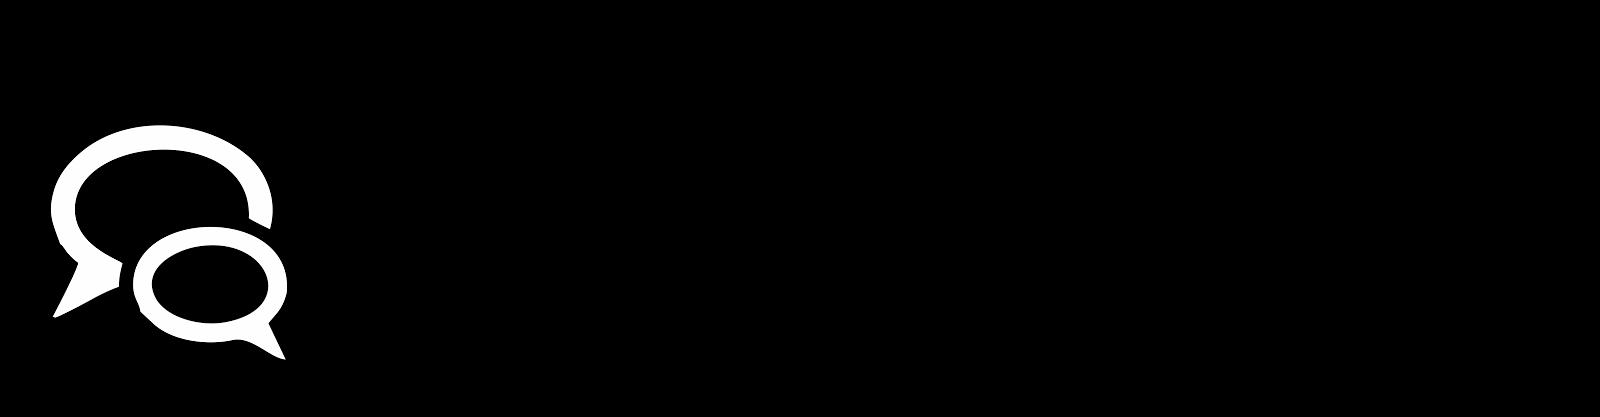 Hurukuro